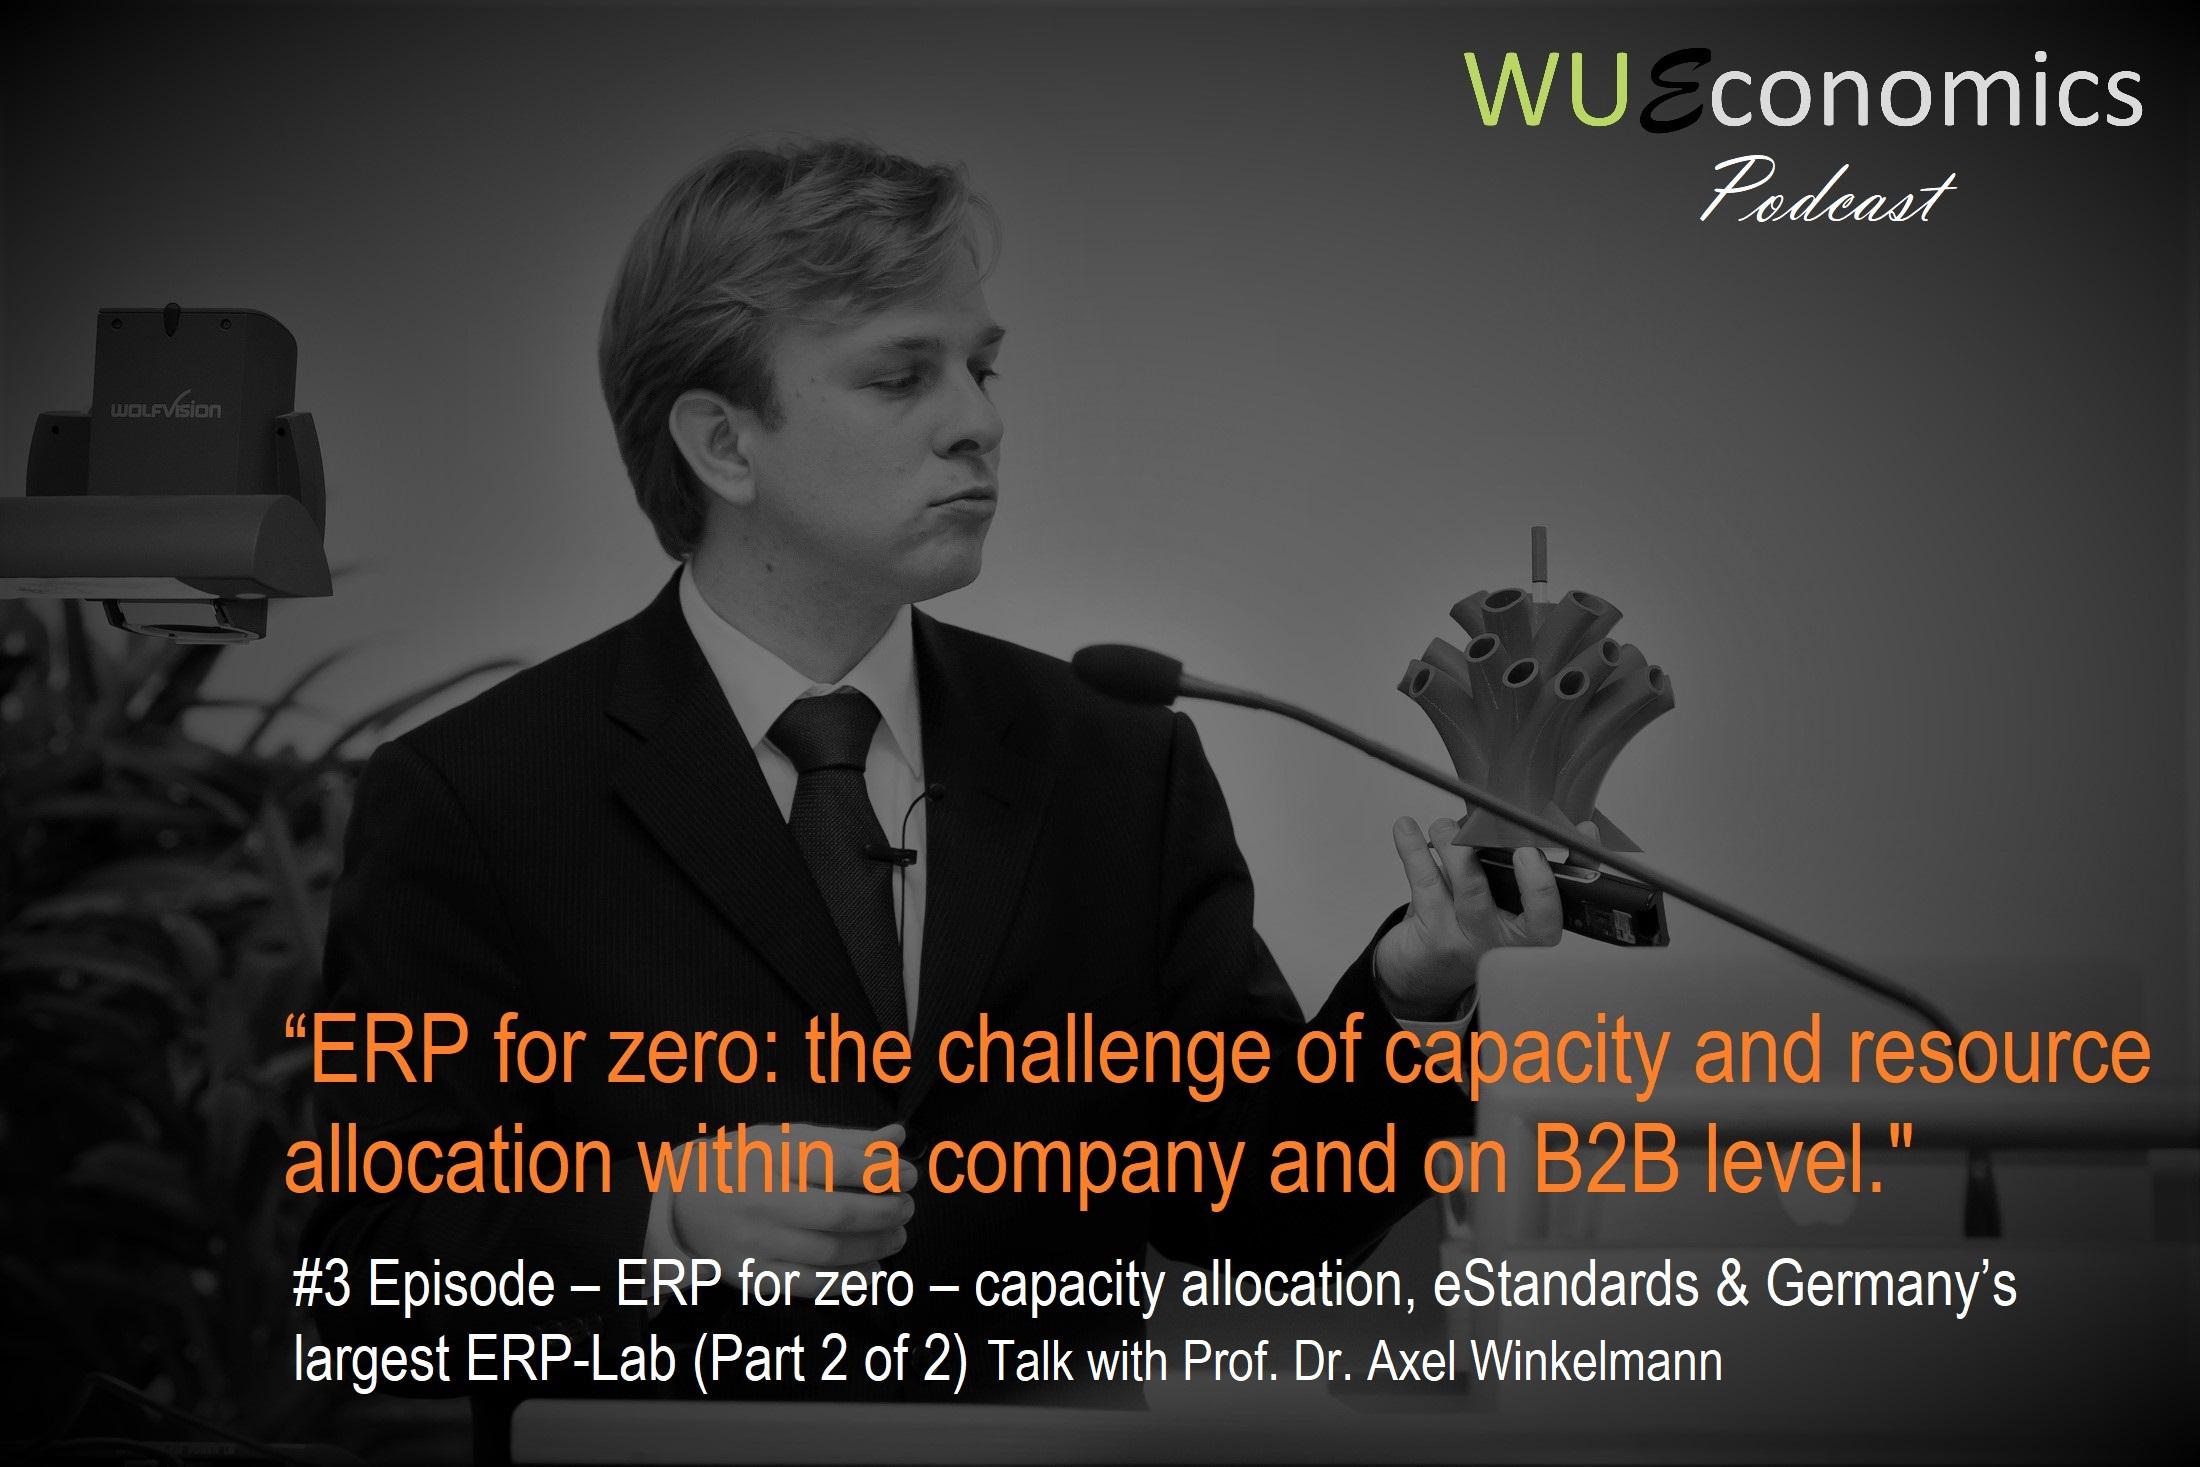 #3 Episode – ERP for zero  (2/2)